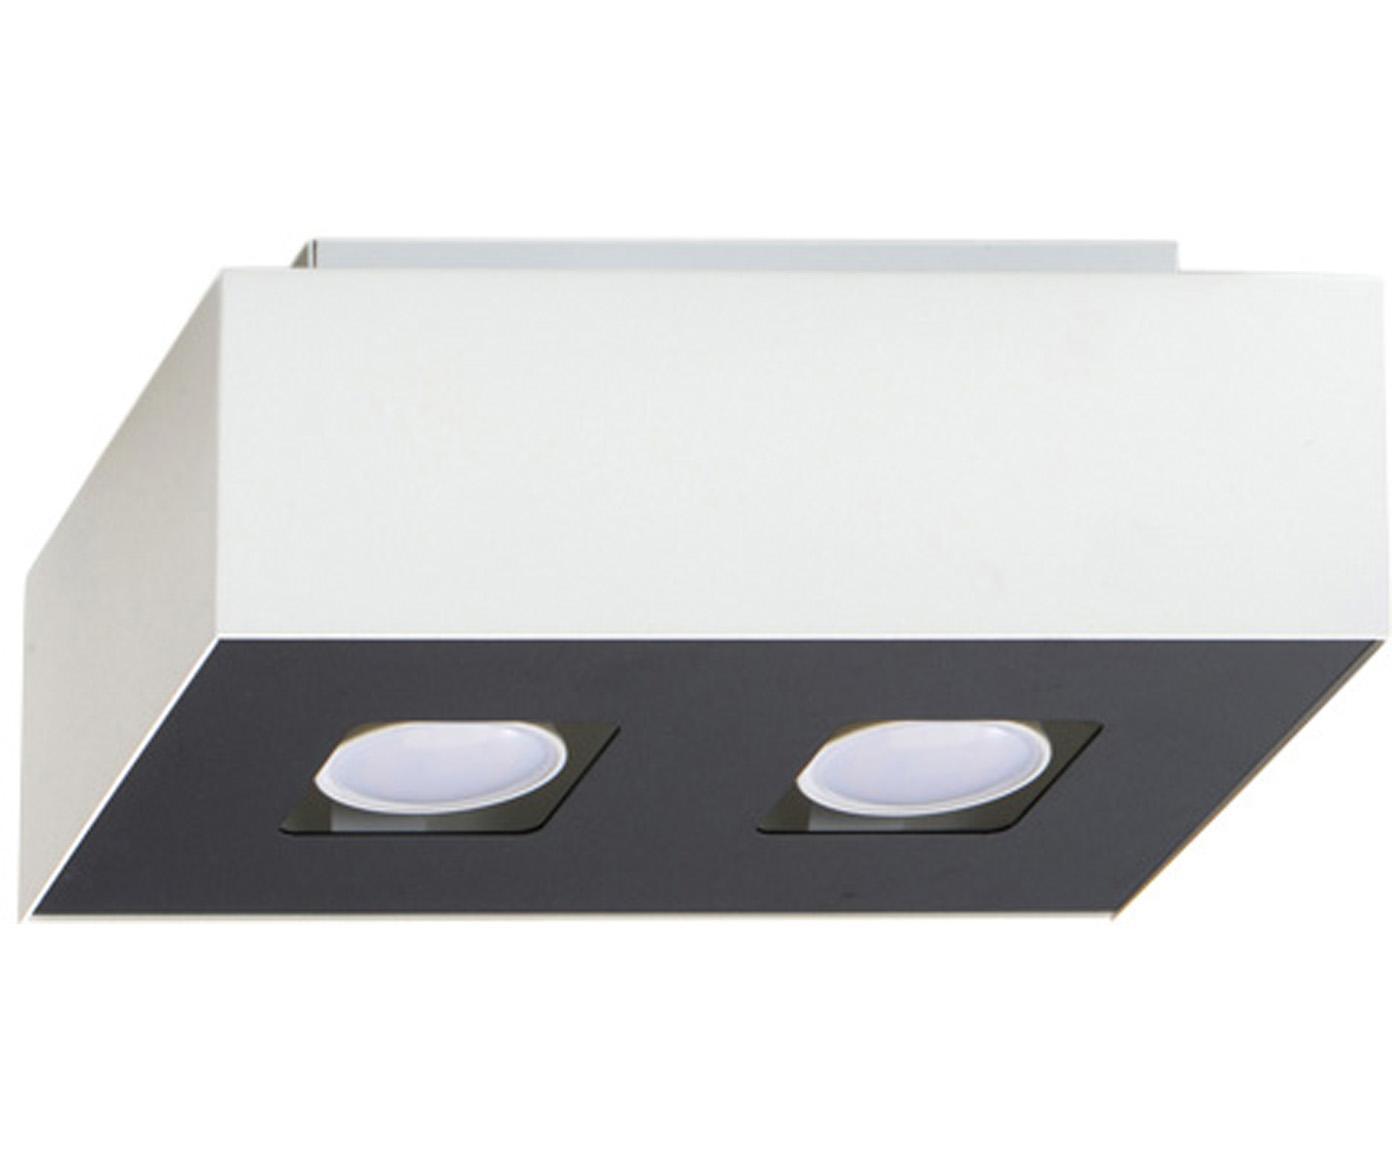 Mała lampa sufitowa Hydra, Biały, czarny, S 24 x W 11 cm